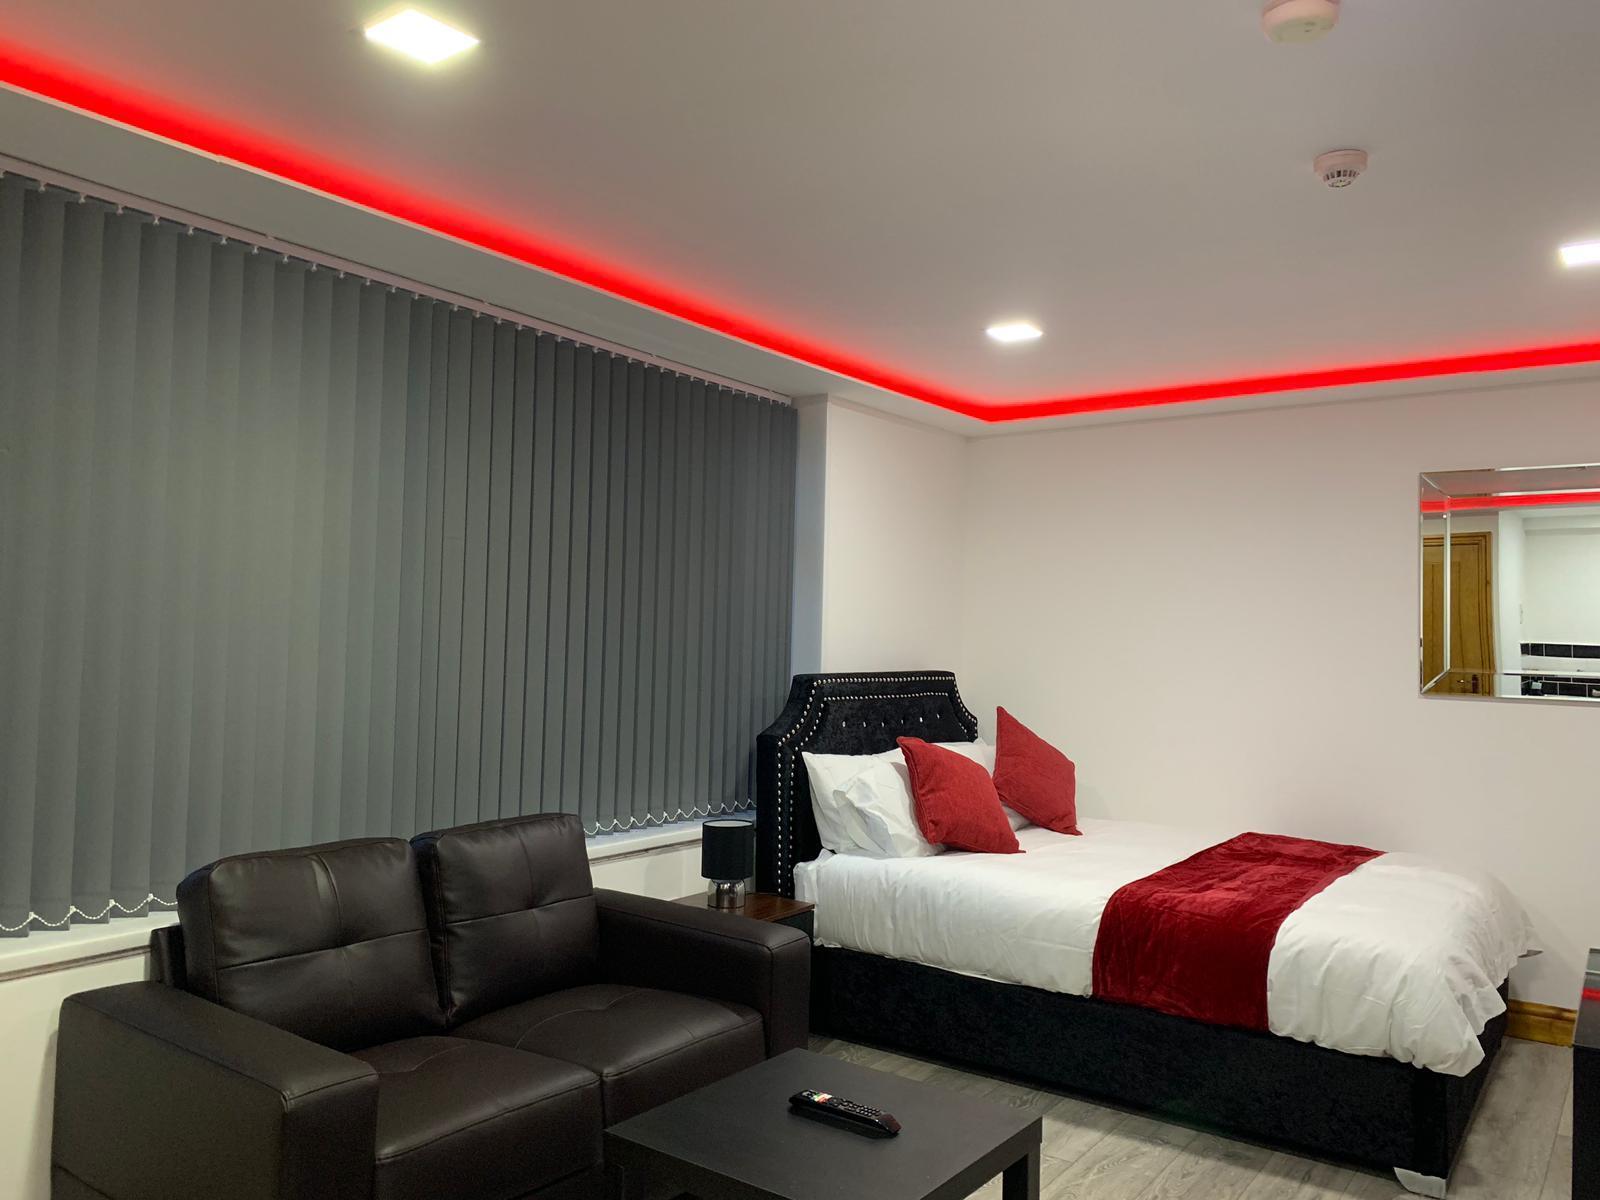 Studio-Apartment-Ensuite with Shower-Studio Apartment